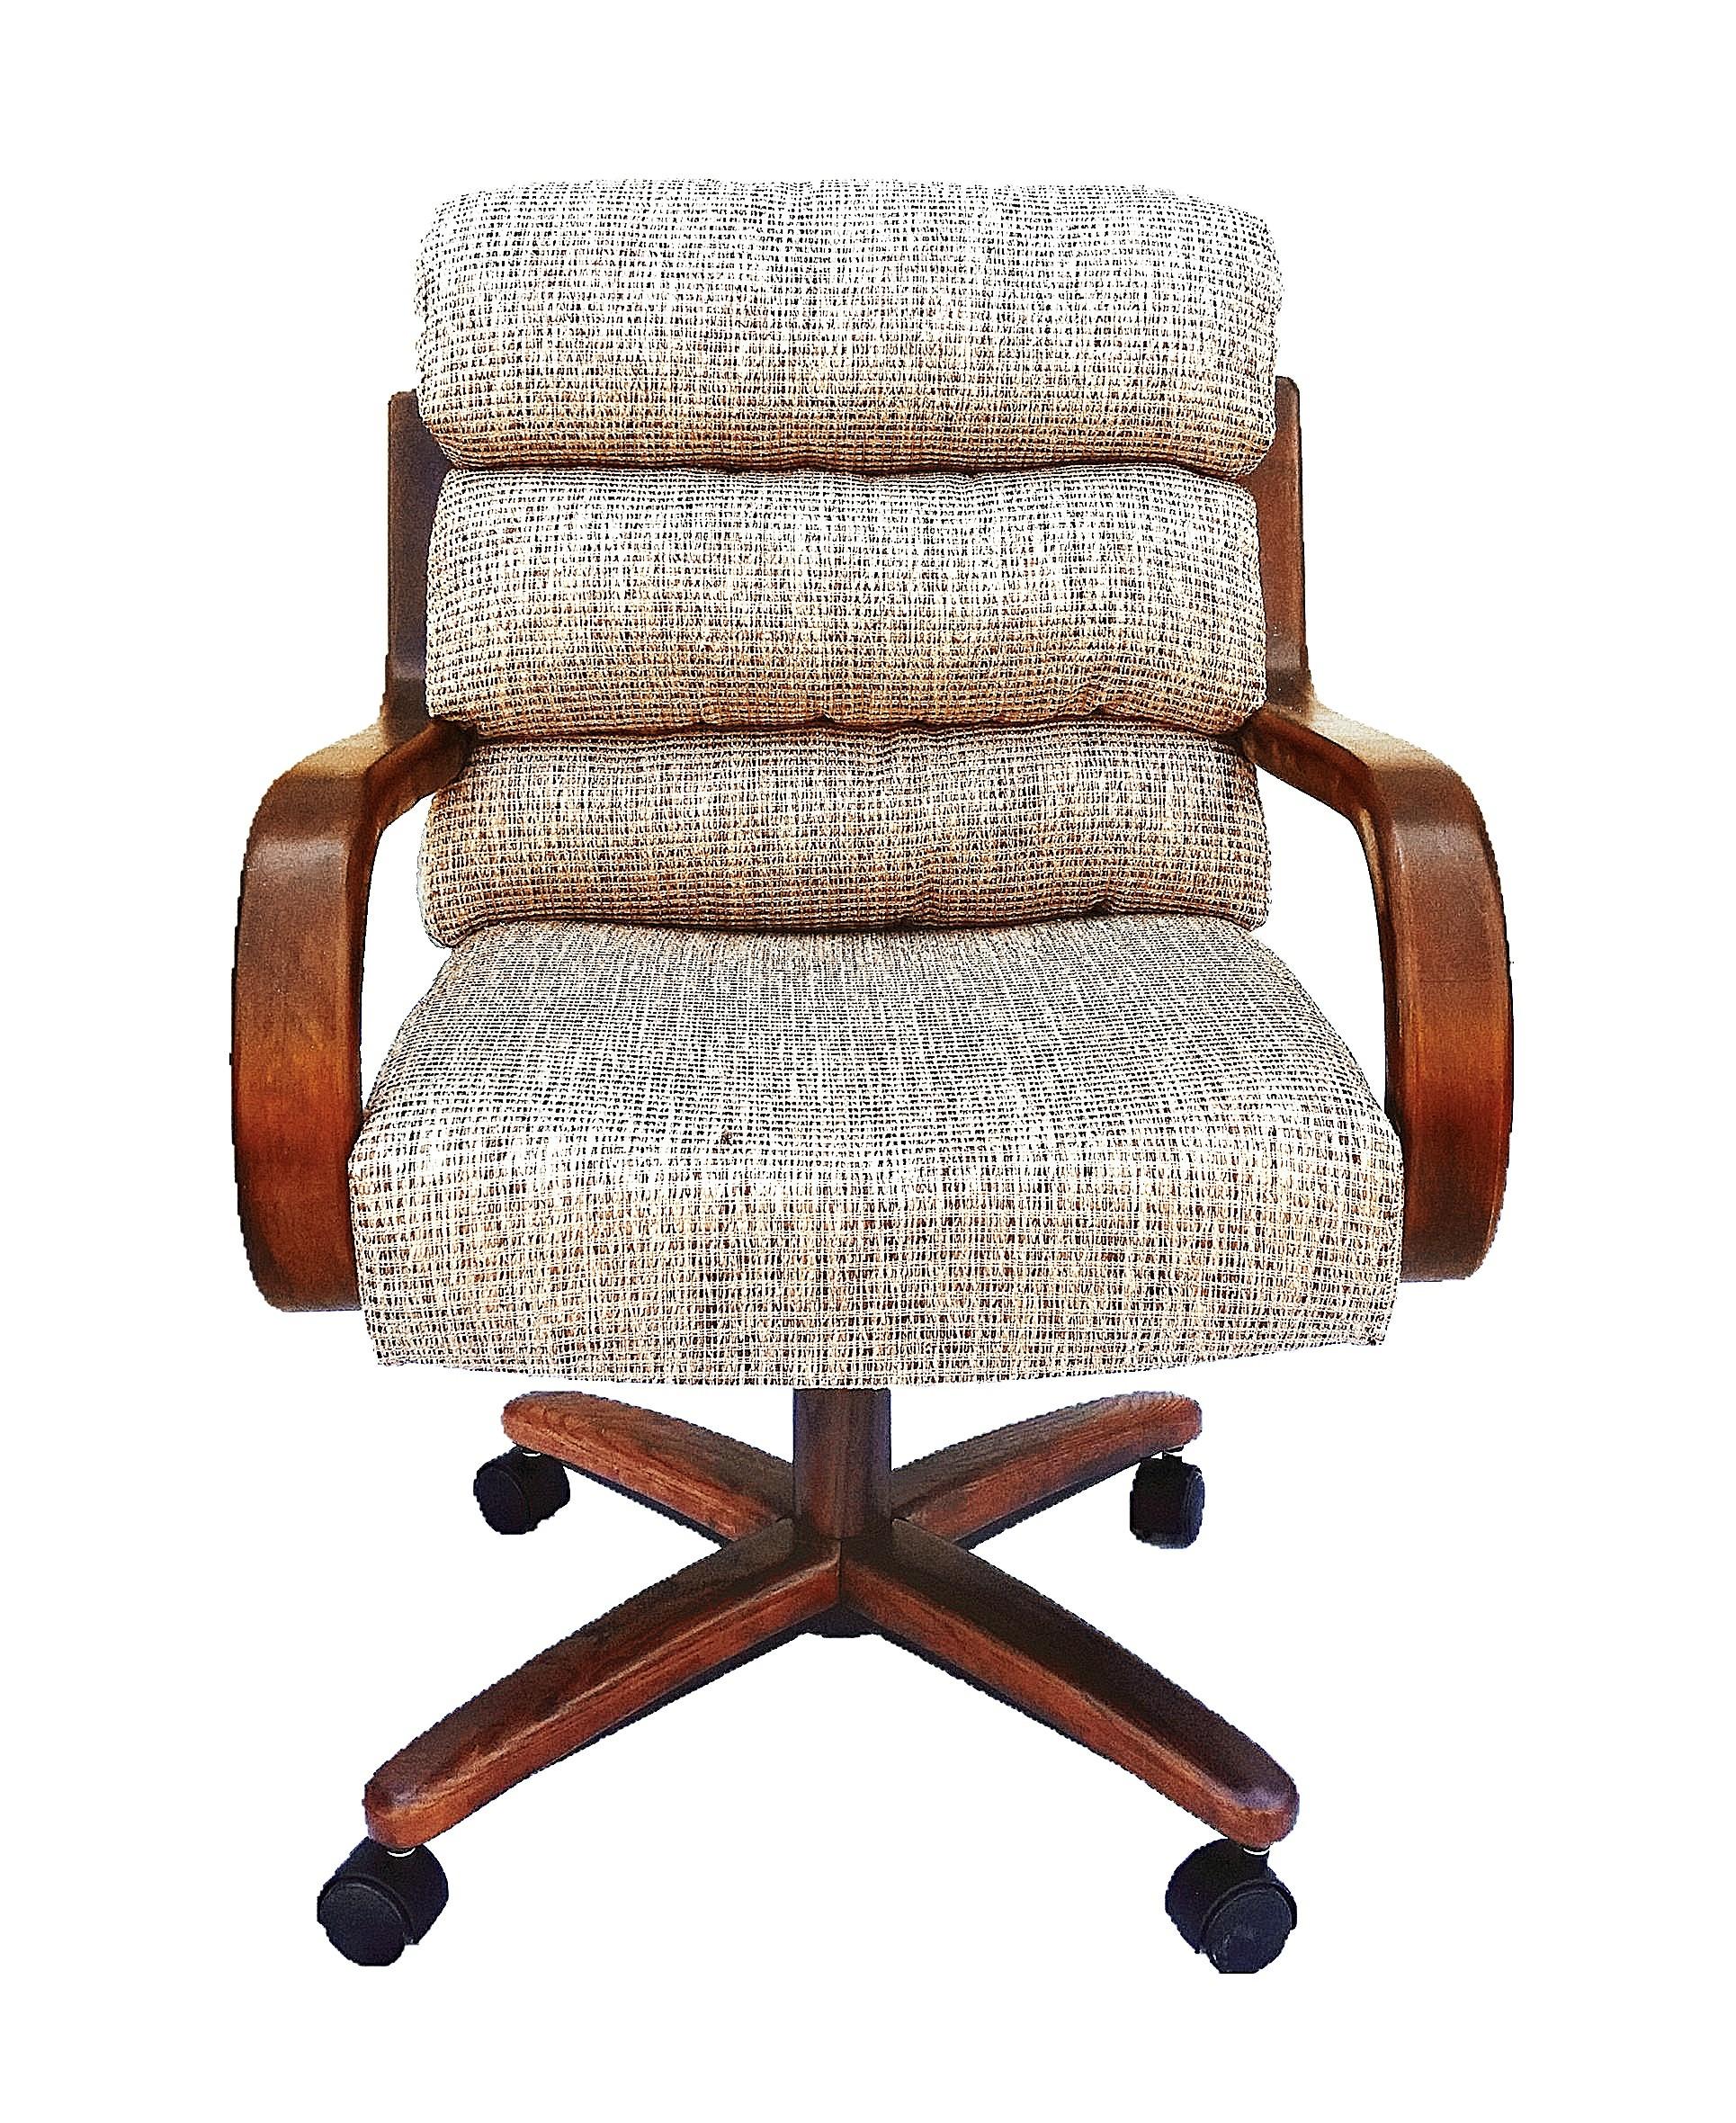 Chromcraft Furniture C137936 Swivel Tilt Caster Dinette